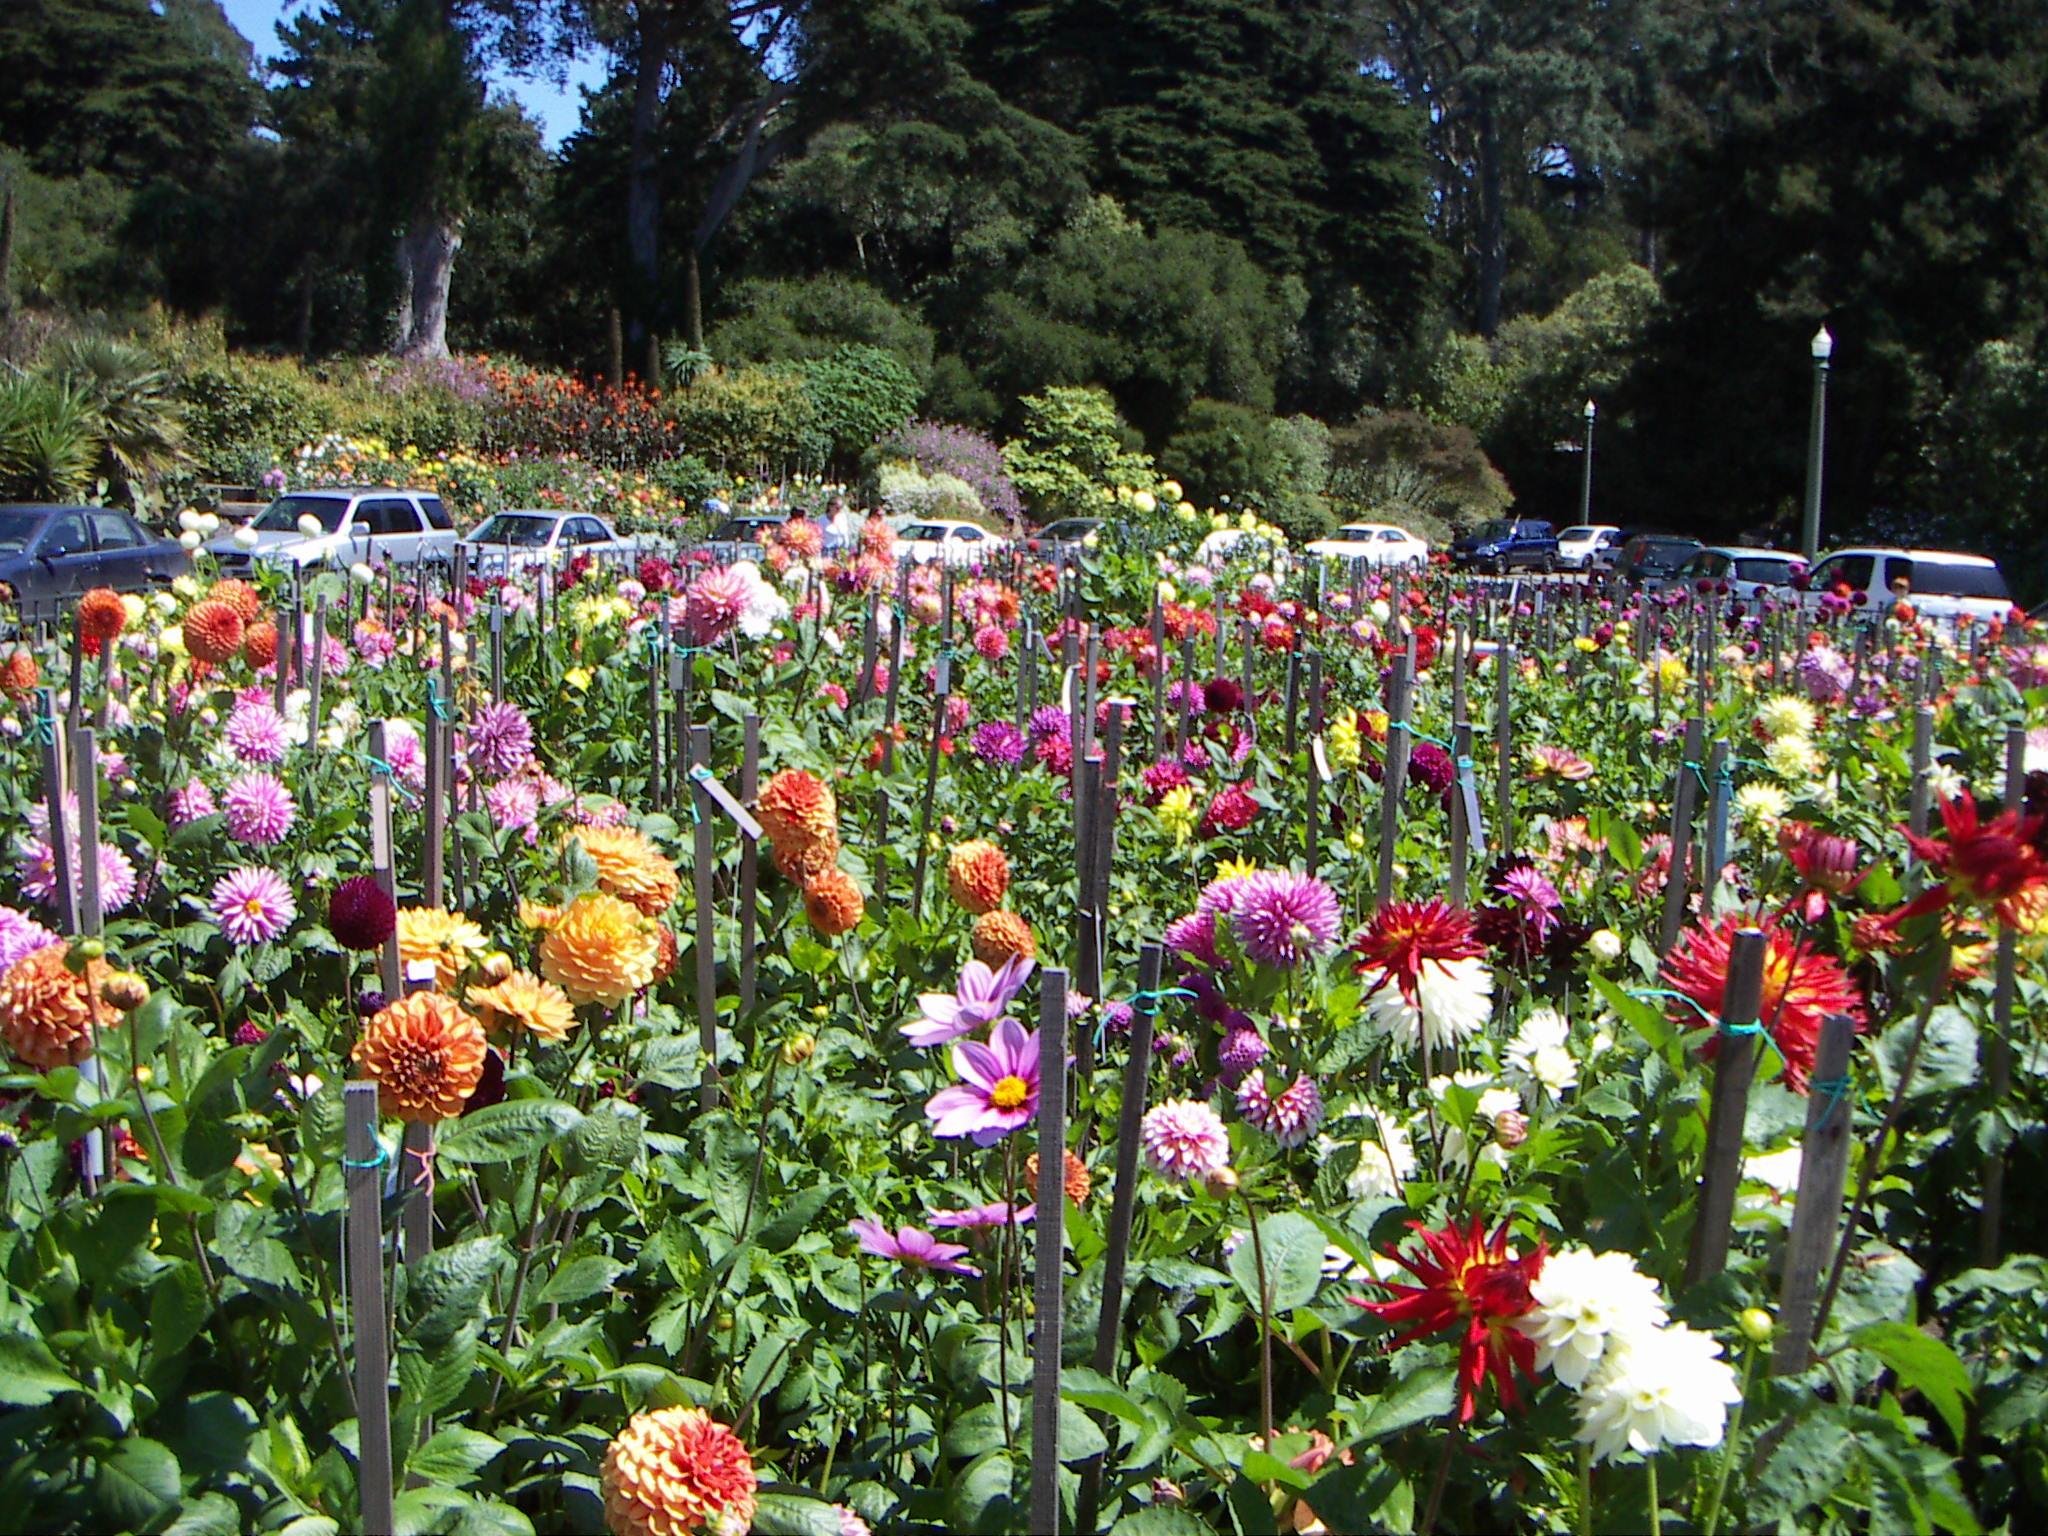 Flaurel Laurel tours the gardens of Golden Gate Park ...